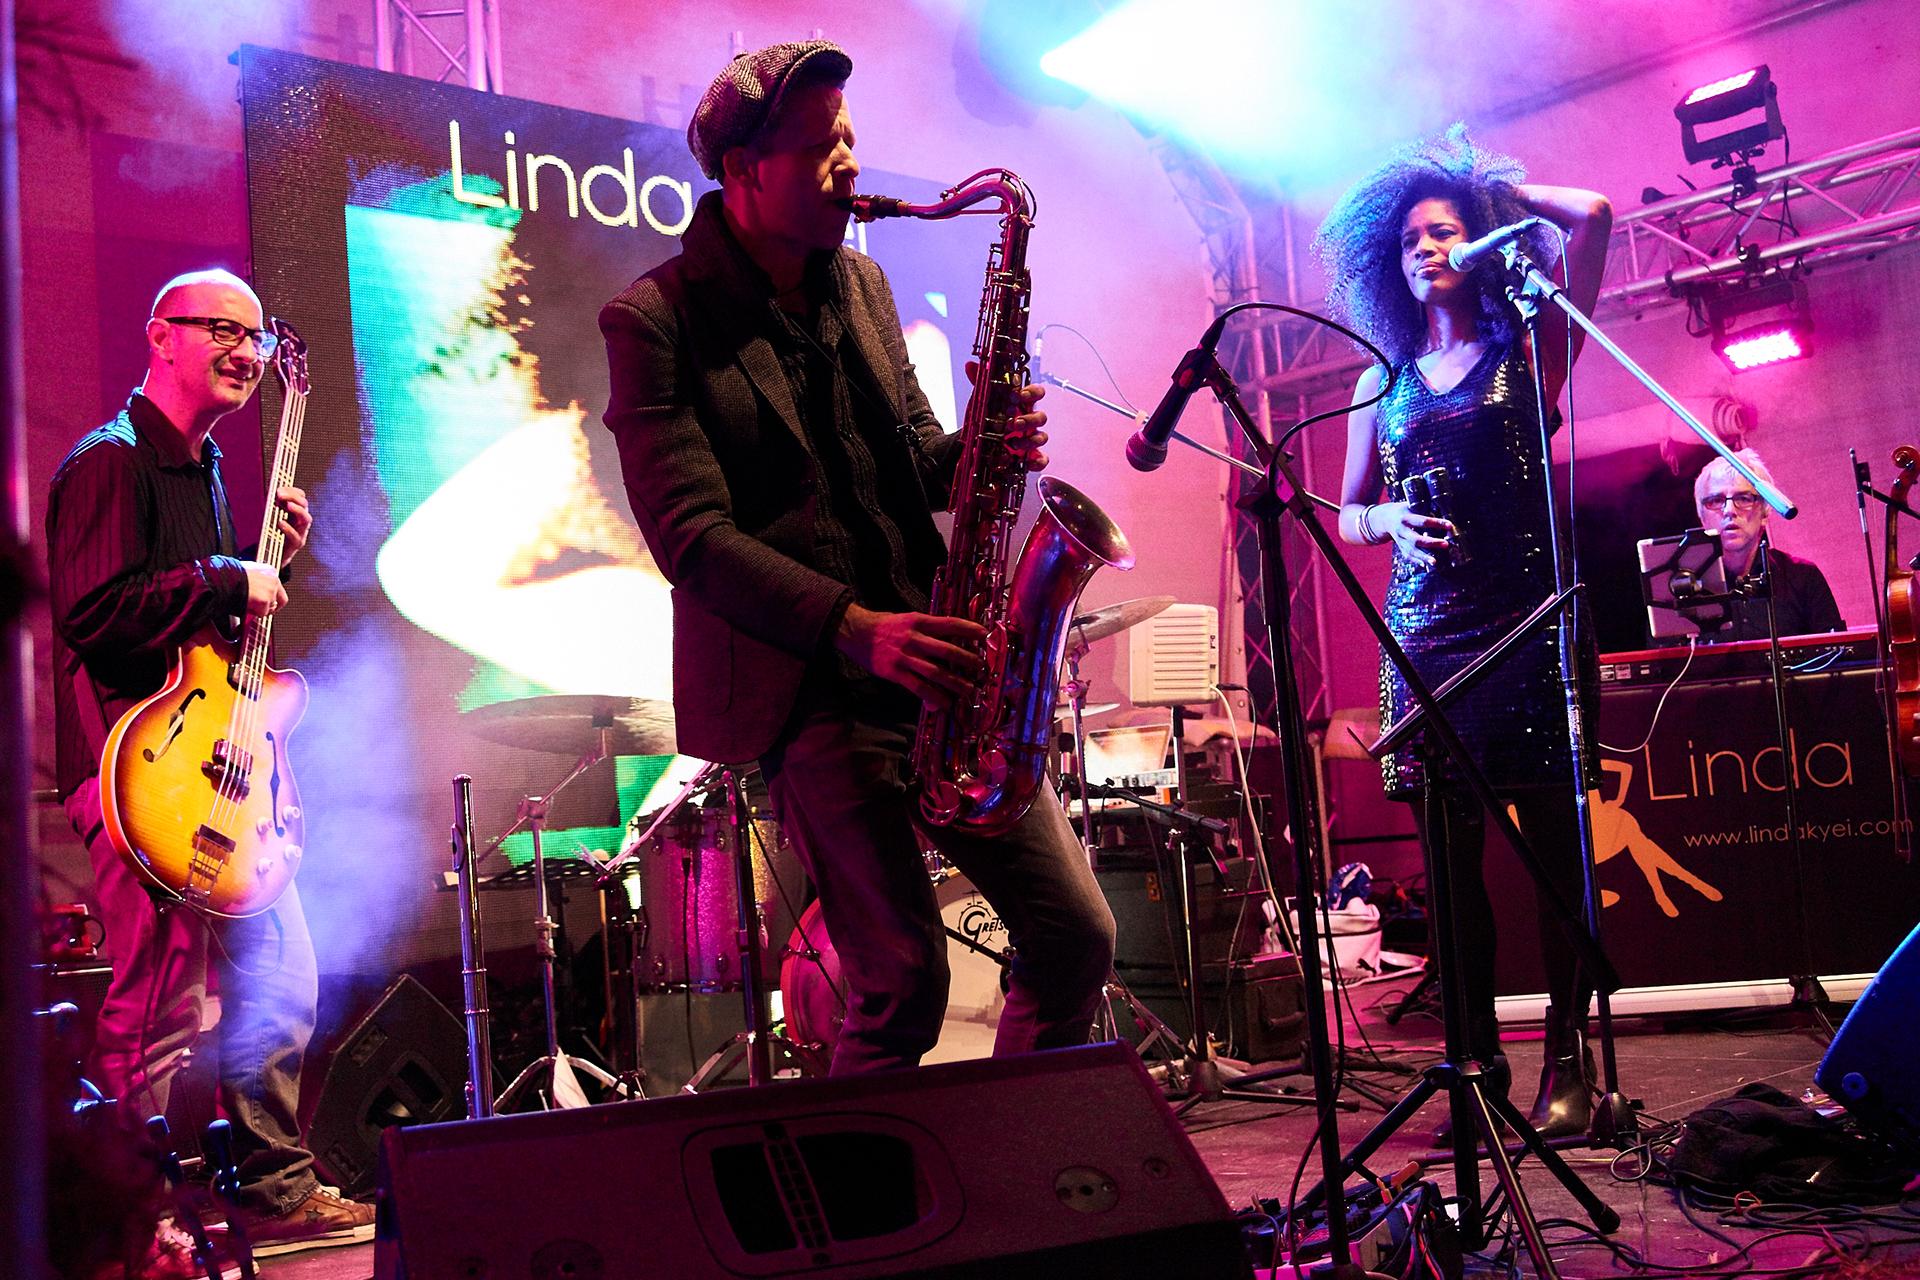 Linda Kyei Band Banner 06